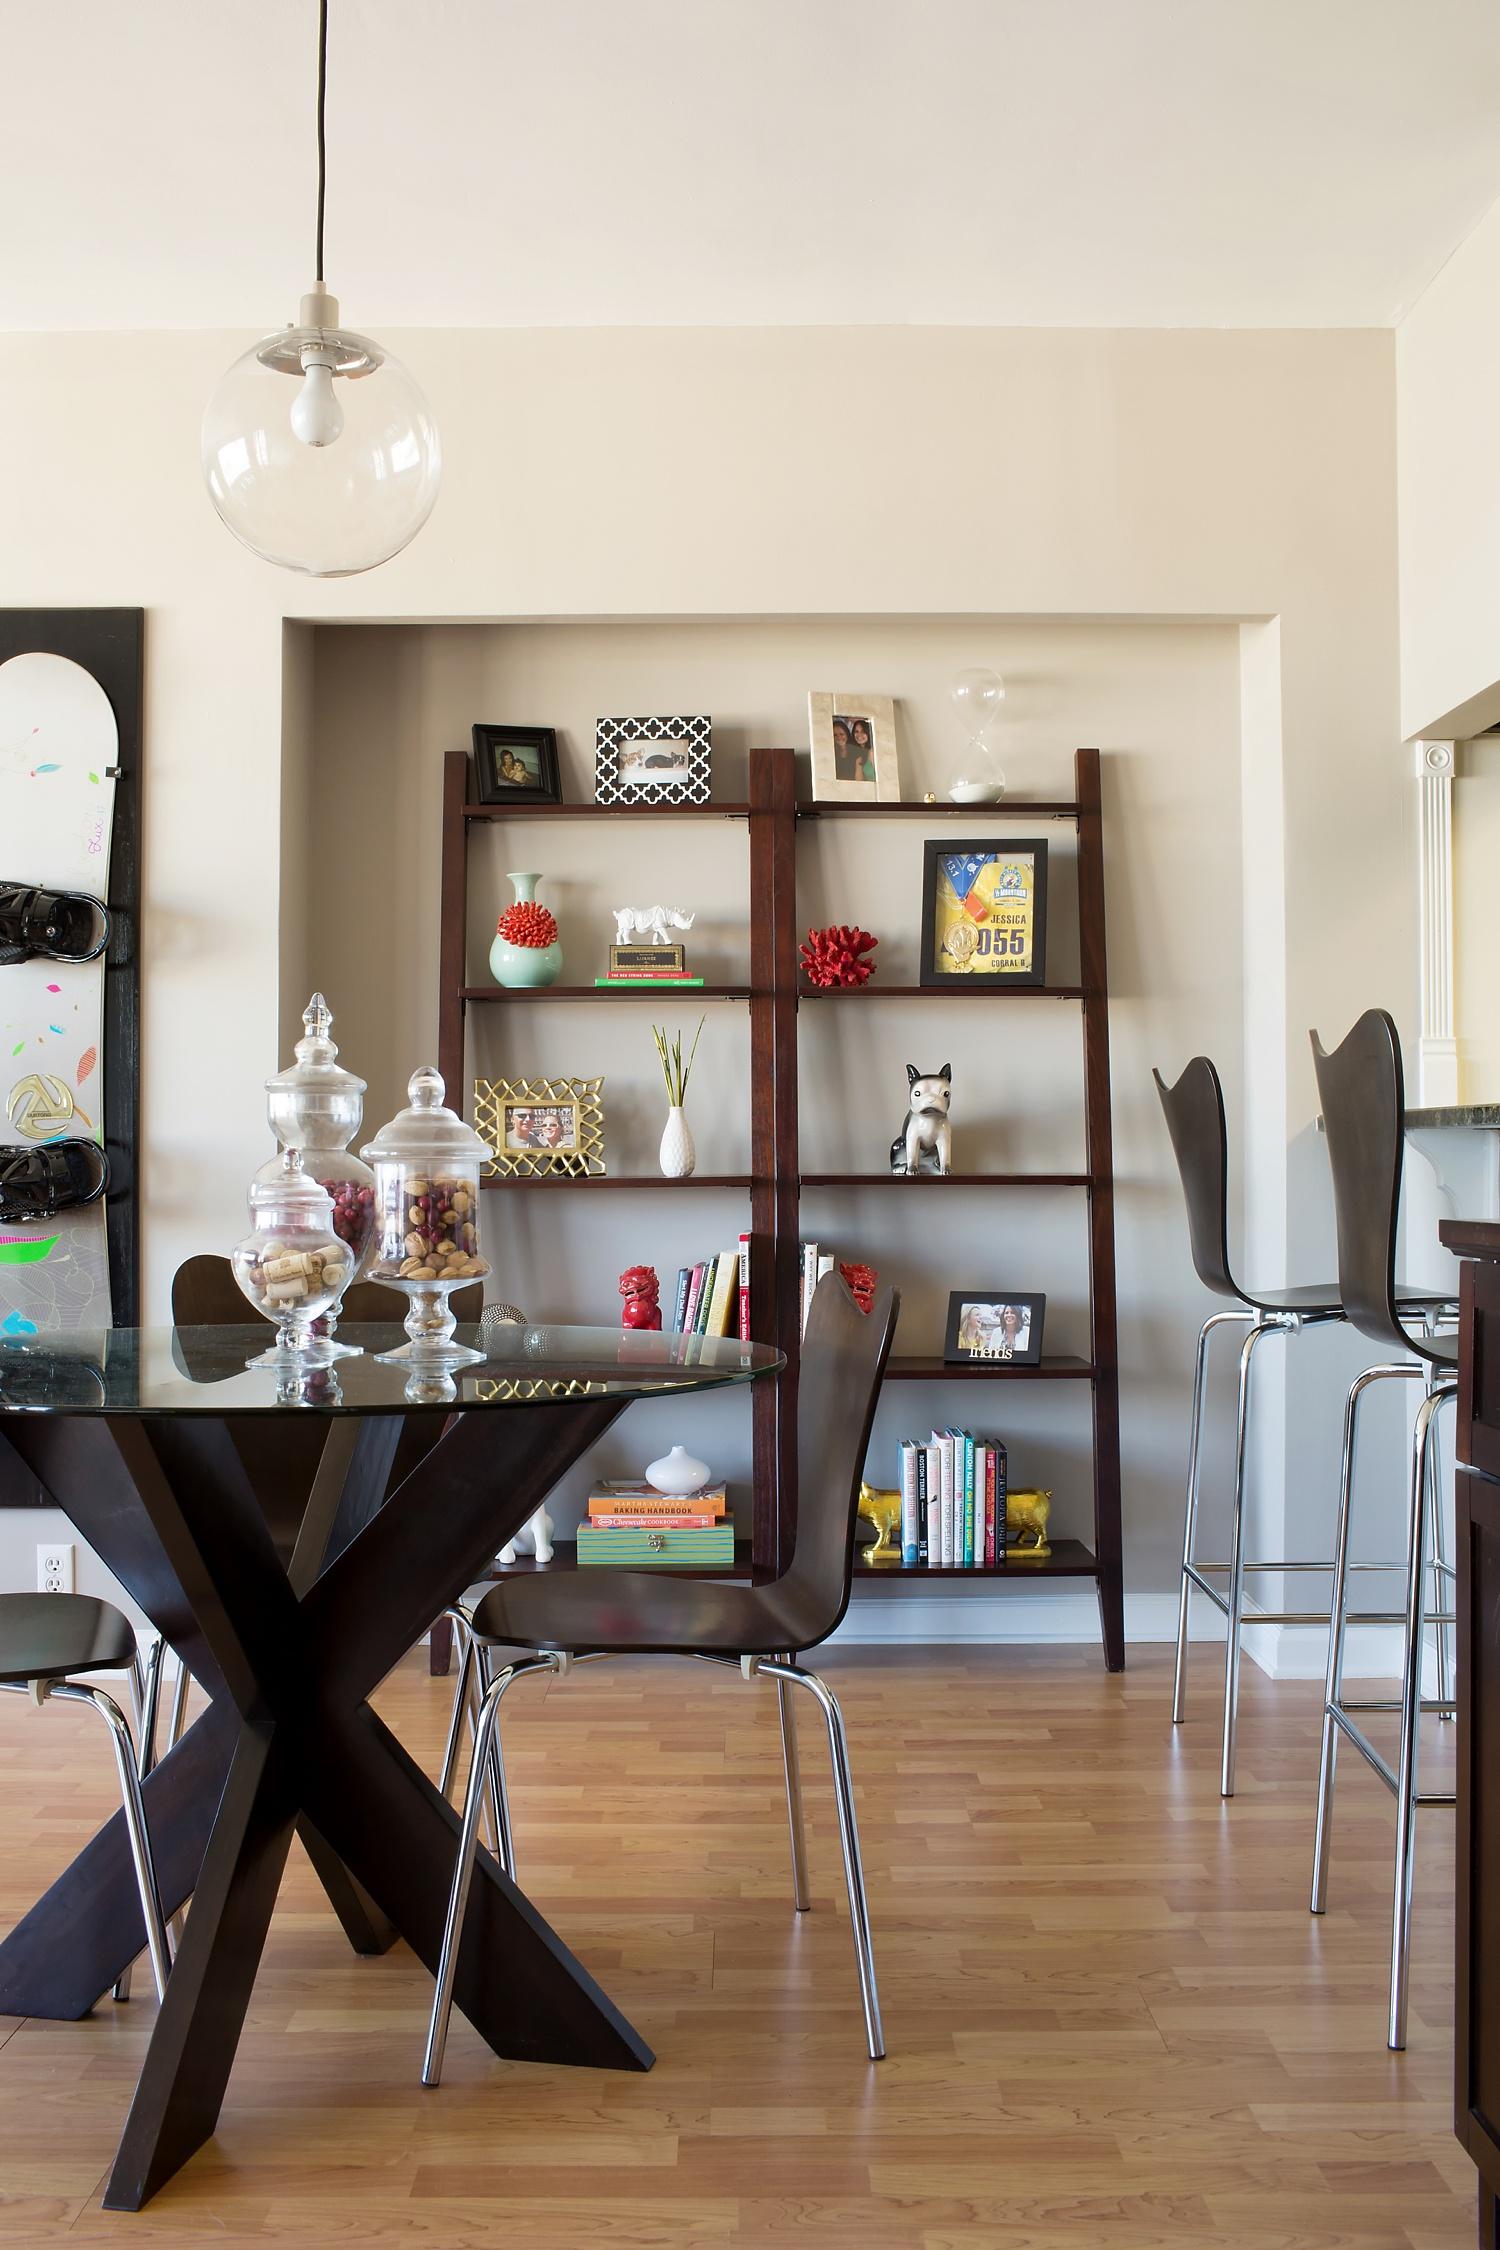 Interiors-Kimberly-Murray_005.jpg